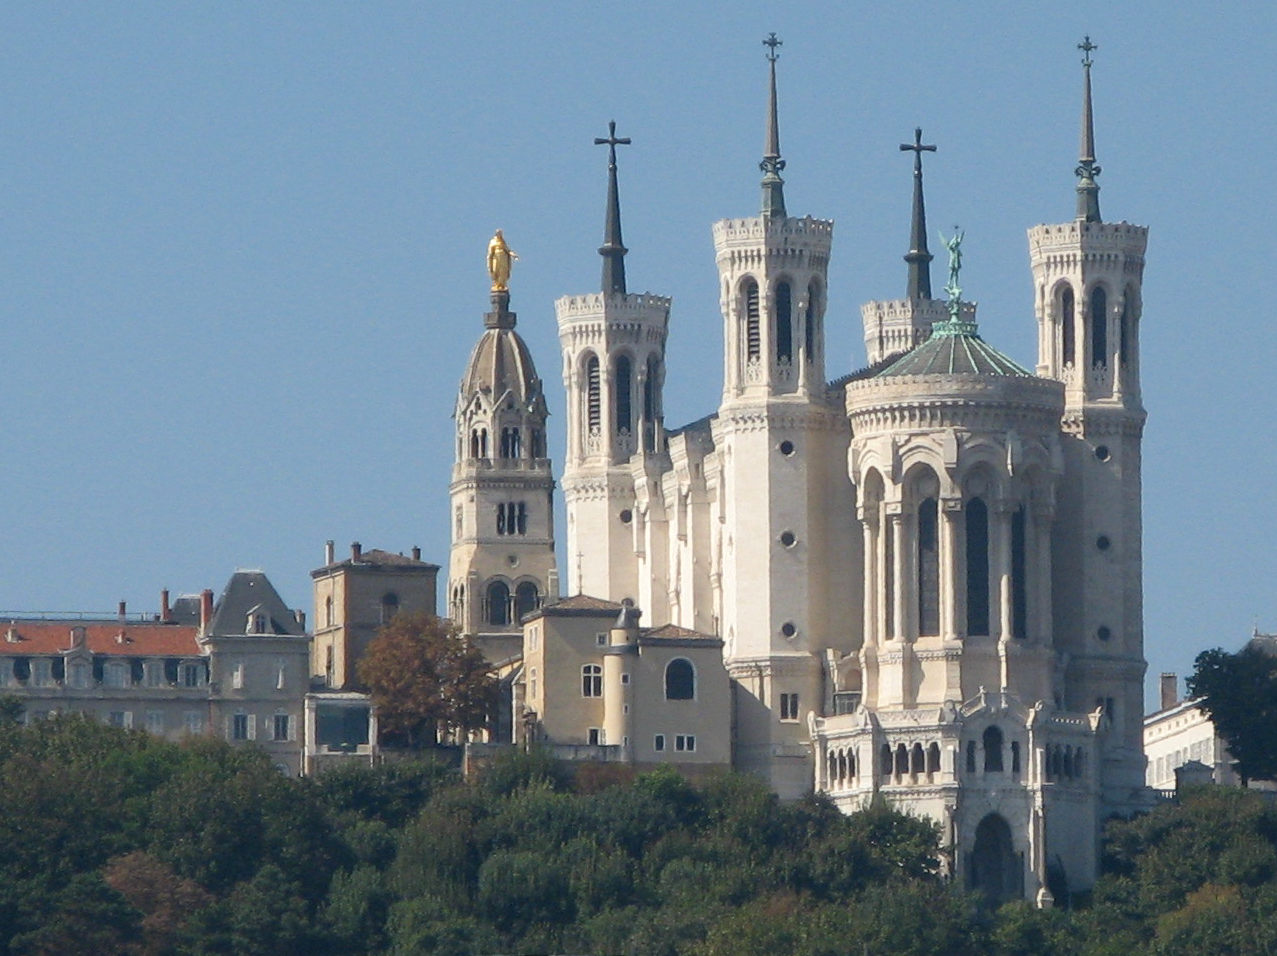 Los 7 Pecados Capitales y el Vade retro Satana